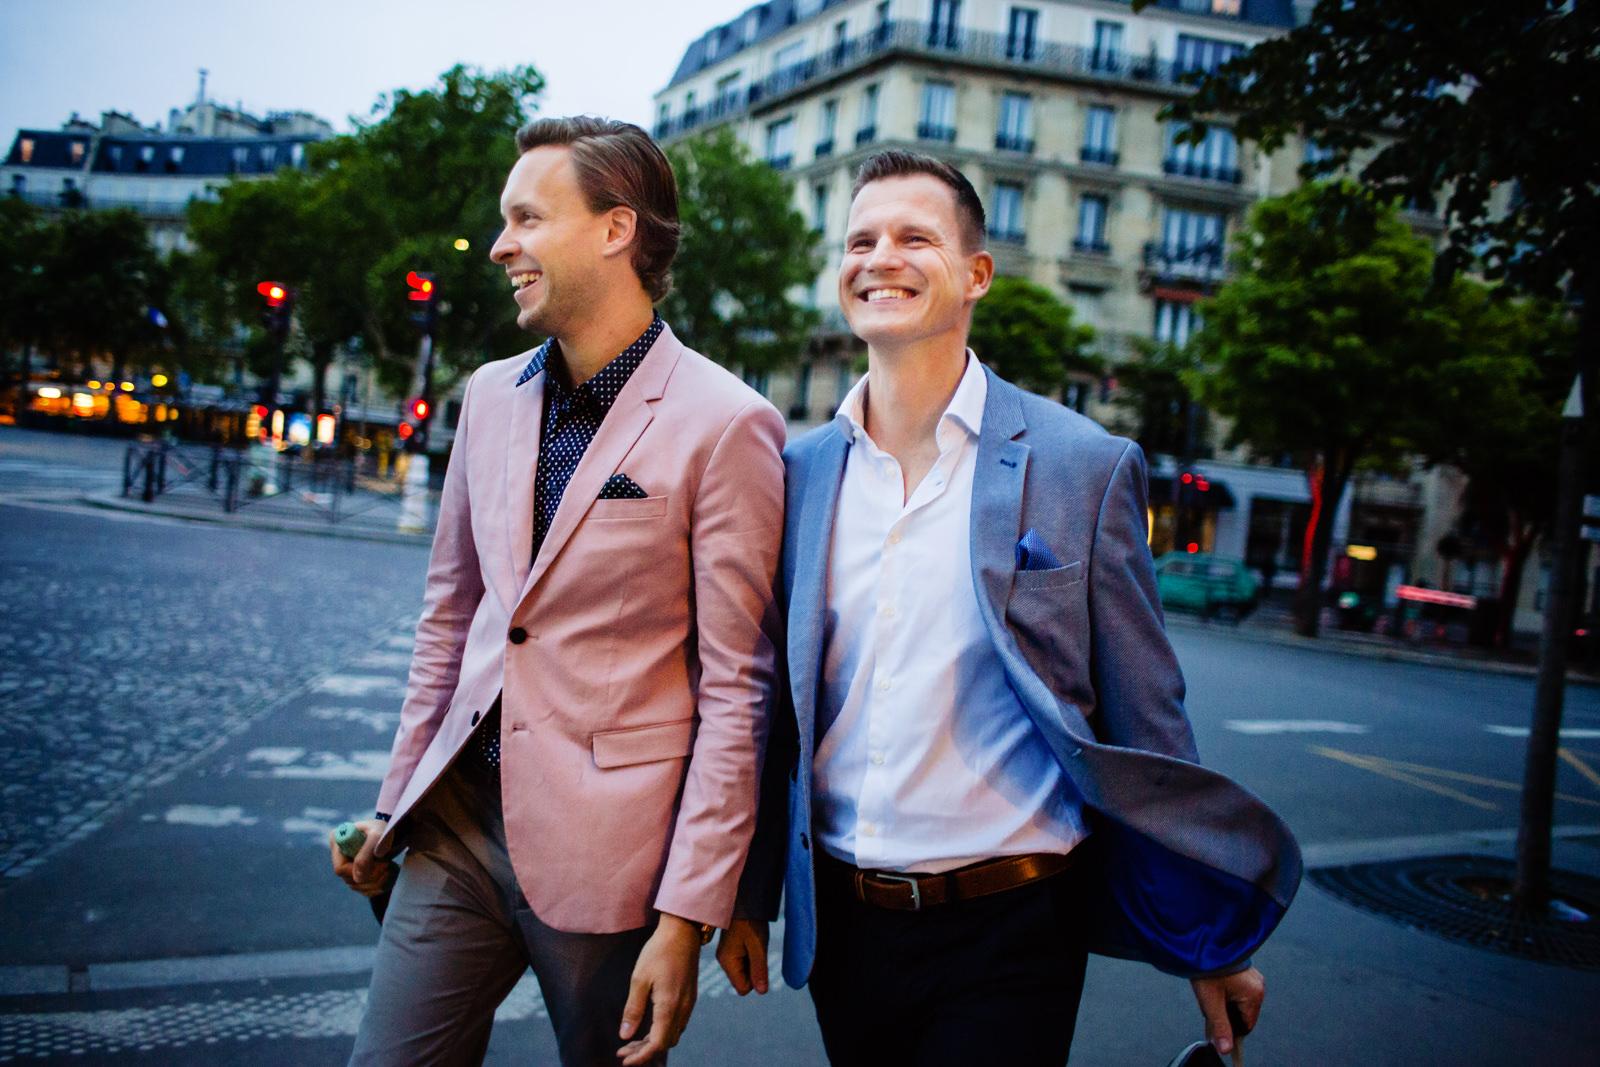 Einzug des Brautpaares bei einer freien Trauung von Trautante Friederike Delong auf einer Hochzeit am Eiffelturm in Paris fotografiert von Hochzeitsfotograf Steven Herrschaft aus Wiesbaden